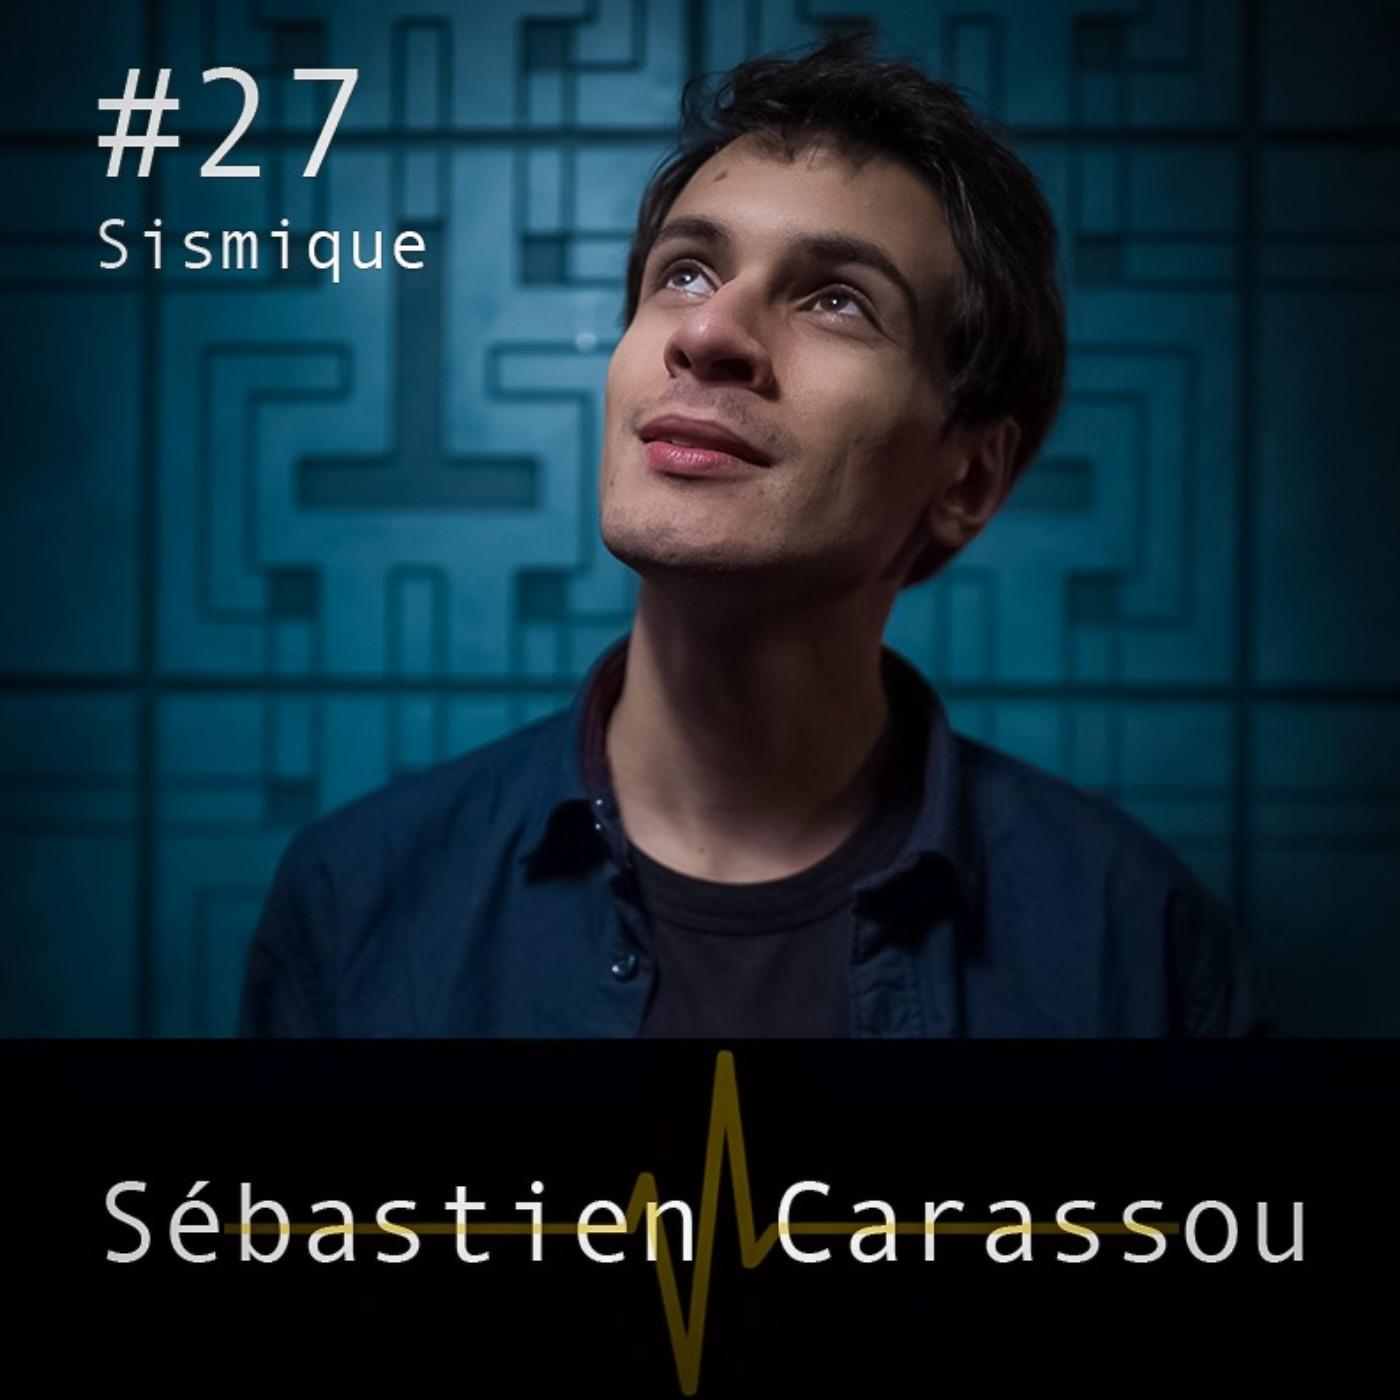 (2) L'astrophysique pour mieux comprendre le monde - Sébastien Carassou